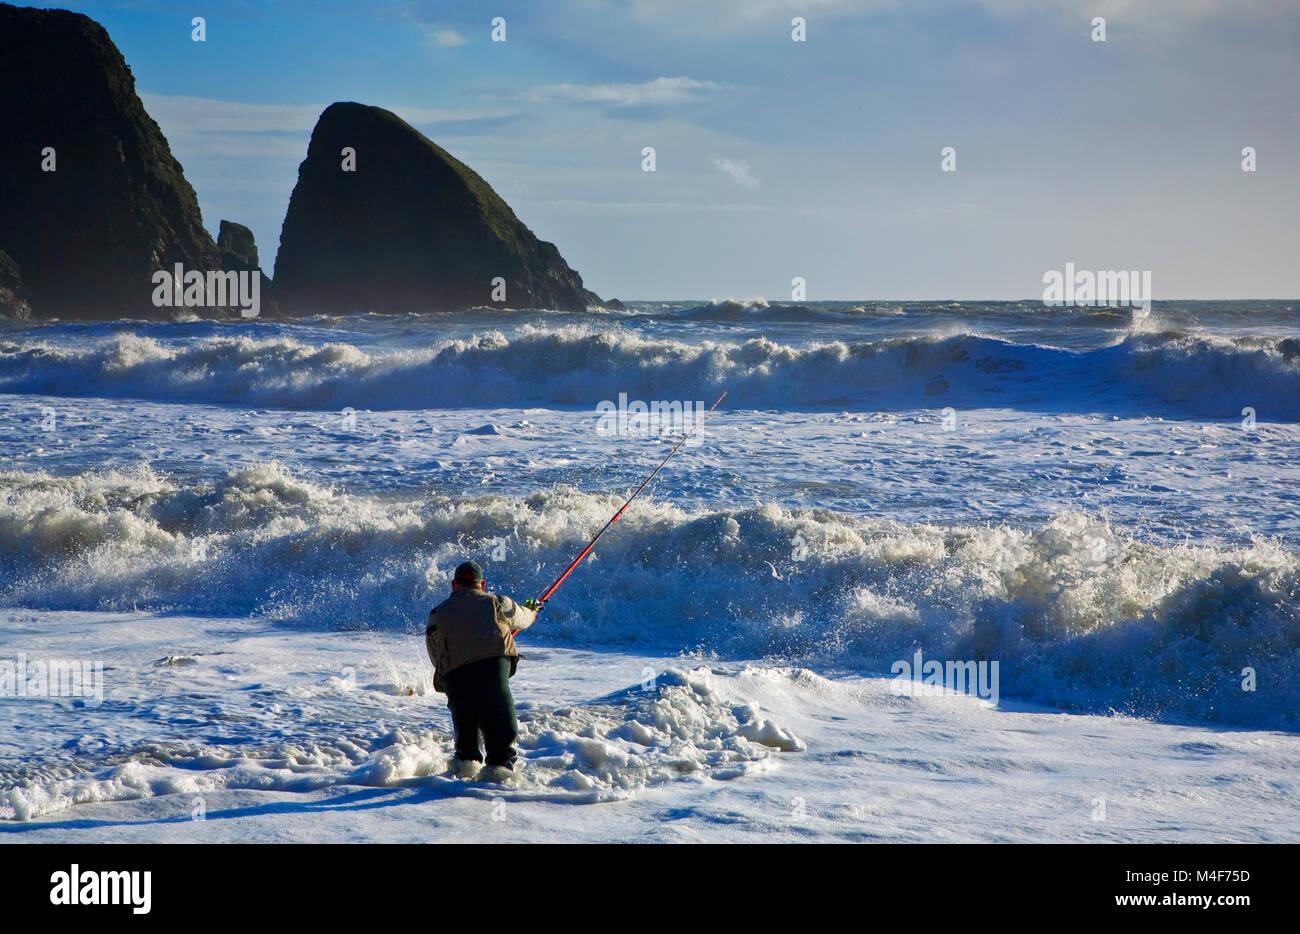 La pesca marina con caña de Bass en Ballydowane Playa, Costa del cobre, el condado de Waterford, Irlanda Imagen De Stock